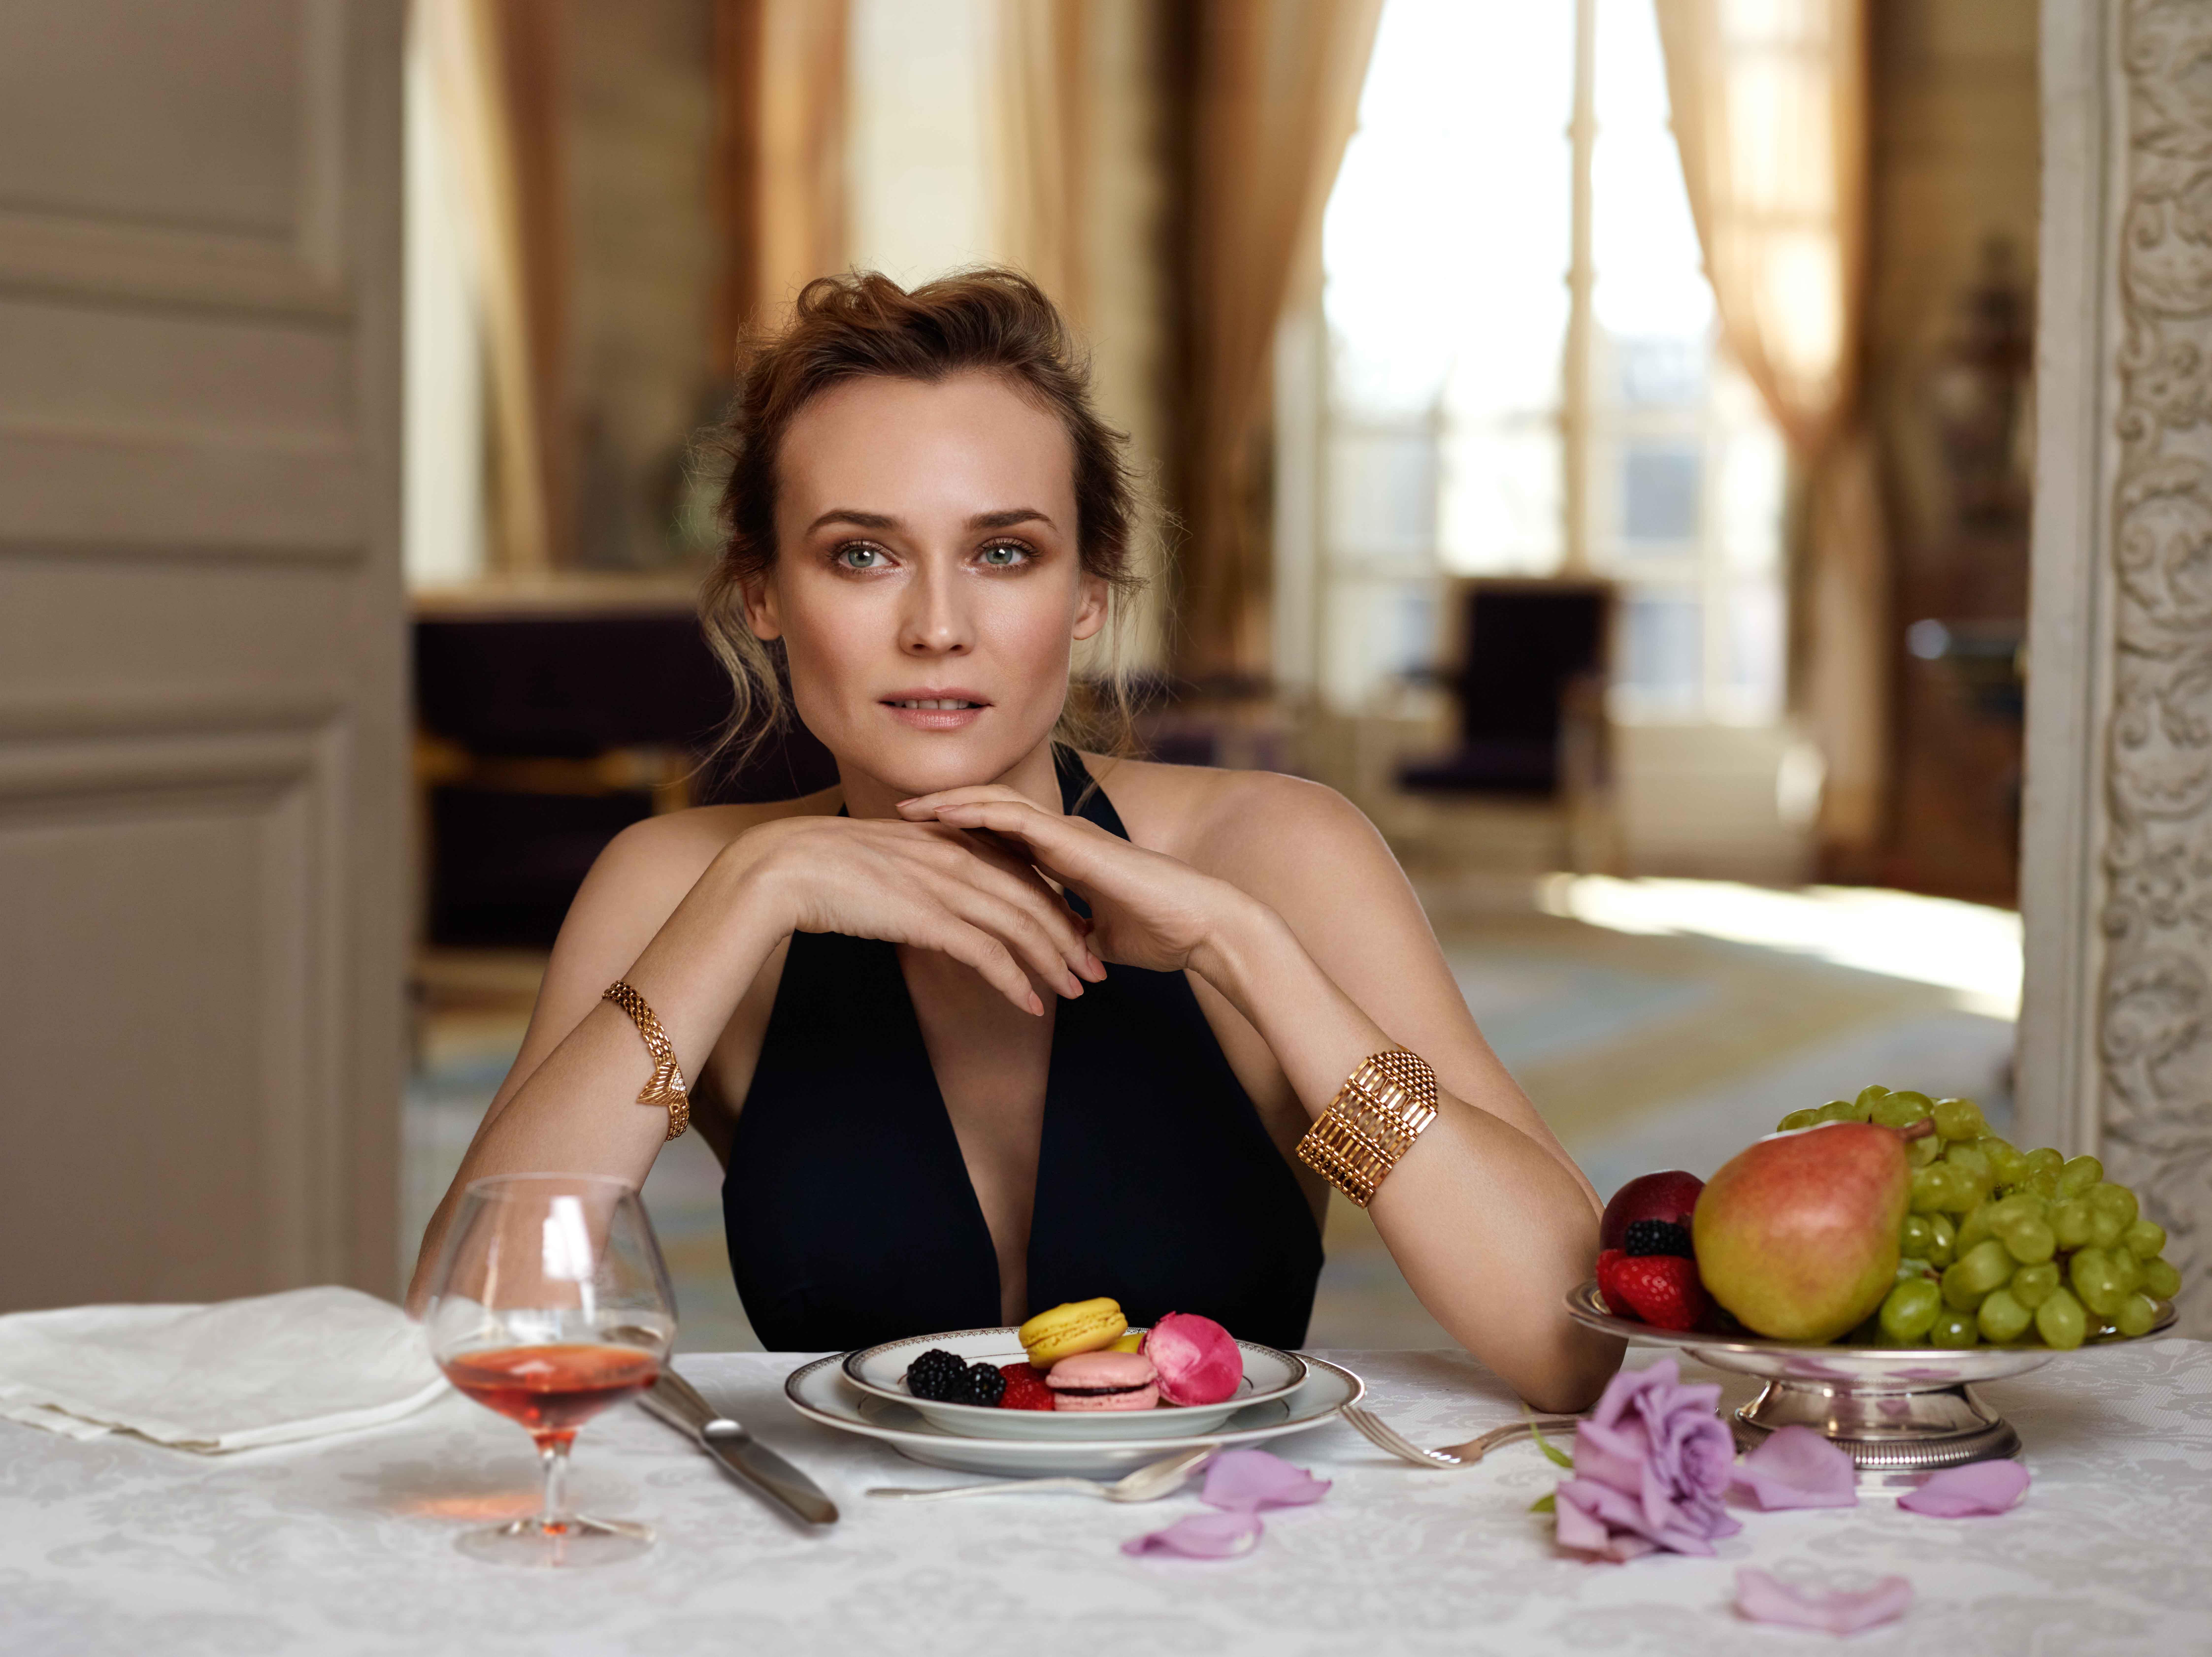 Стиль Дианы Крюгер: лучшие образы